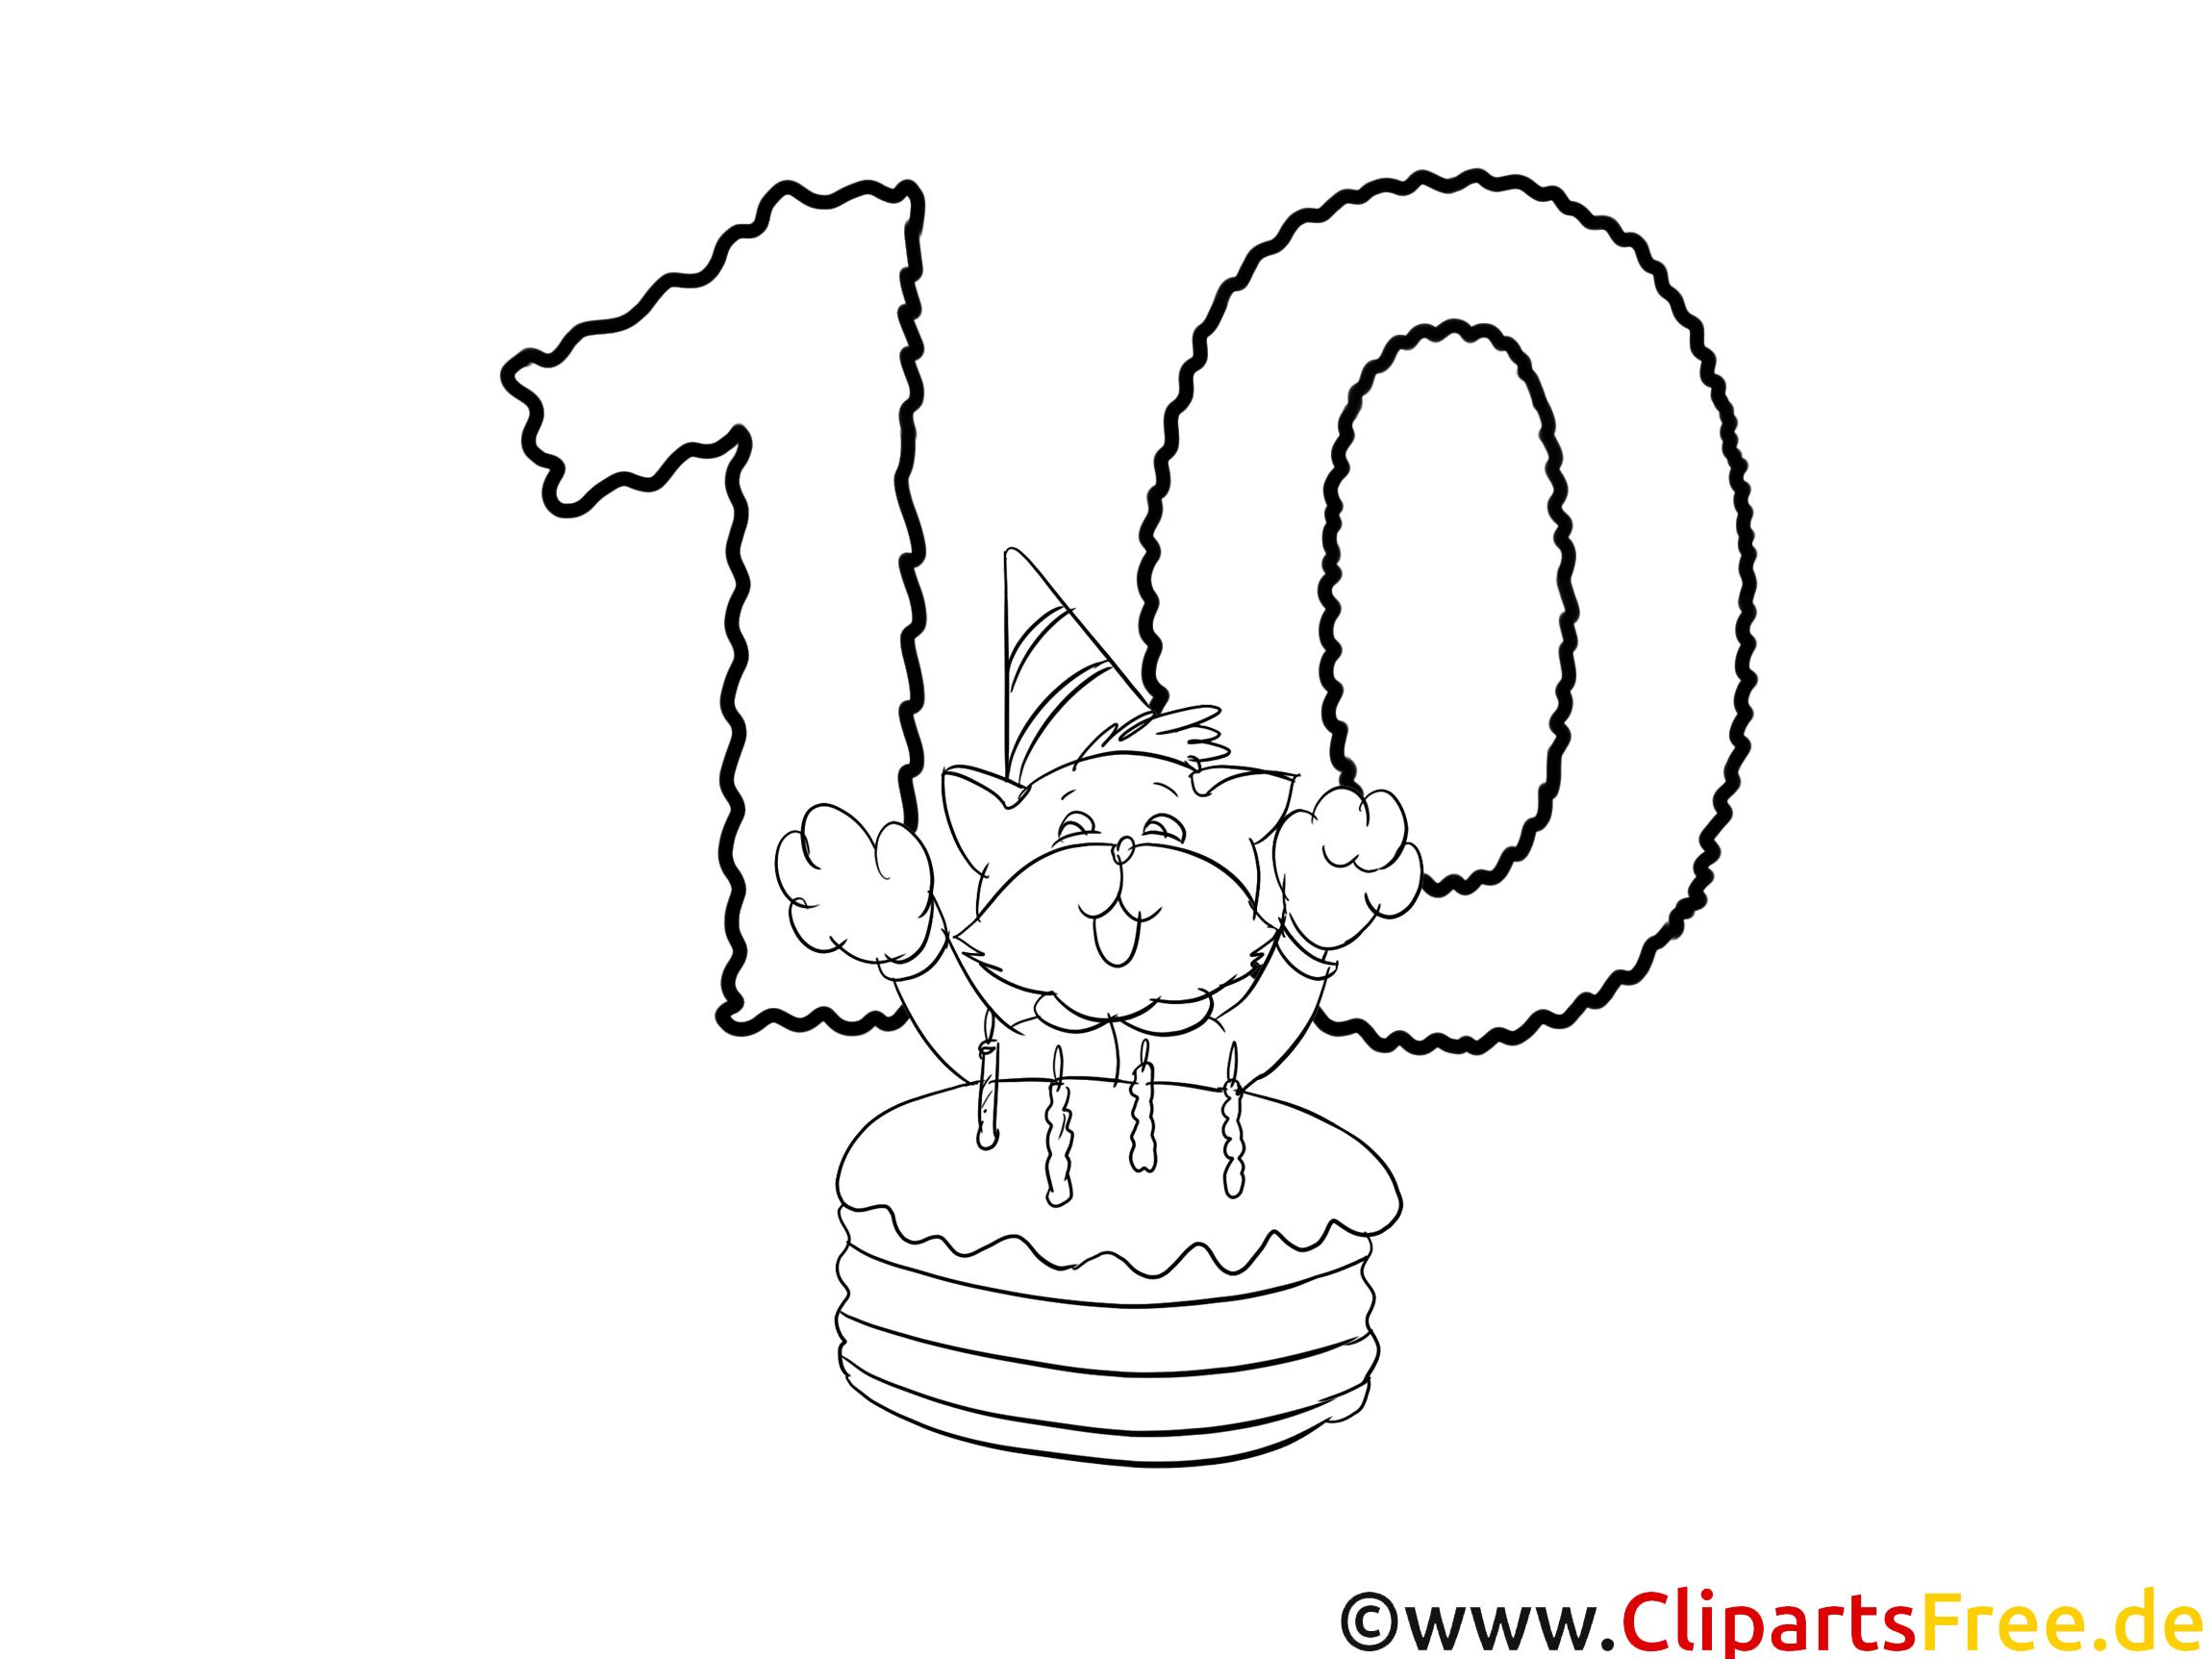 10 Ans Illustration Coloriage Anniversaire Cliparts Anniversaire